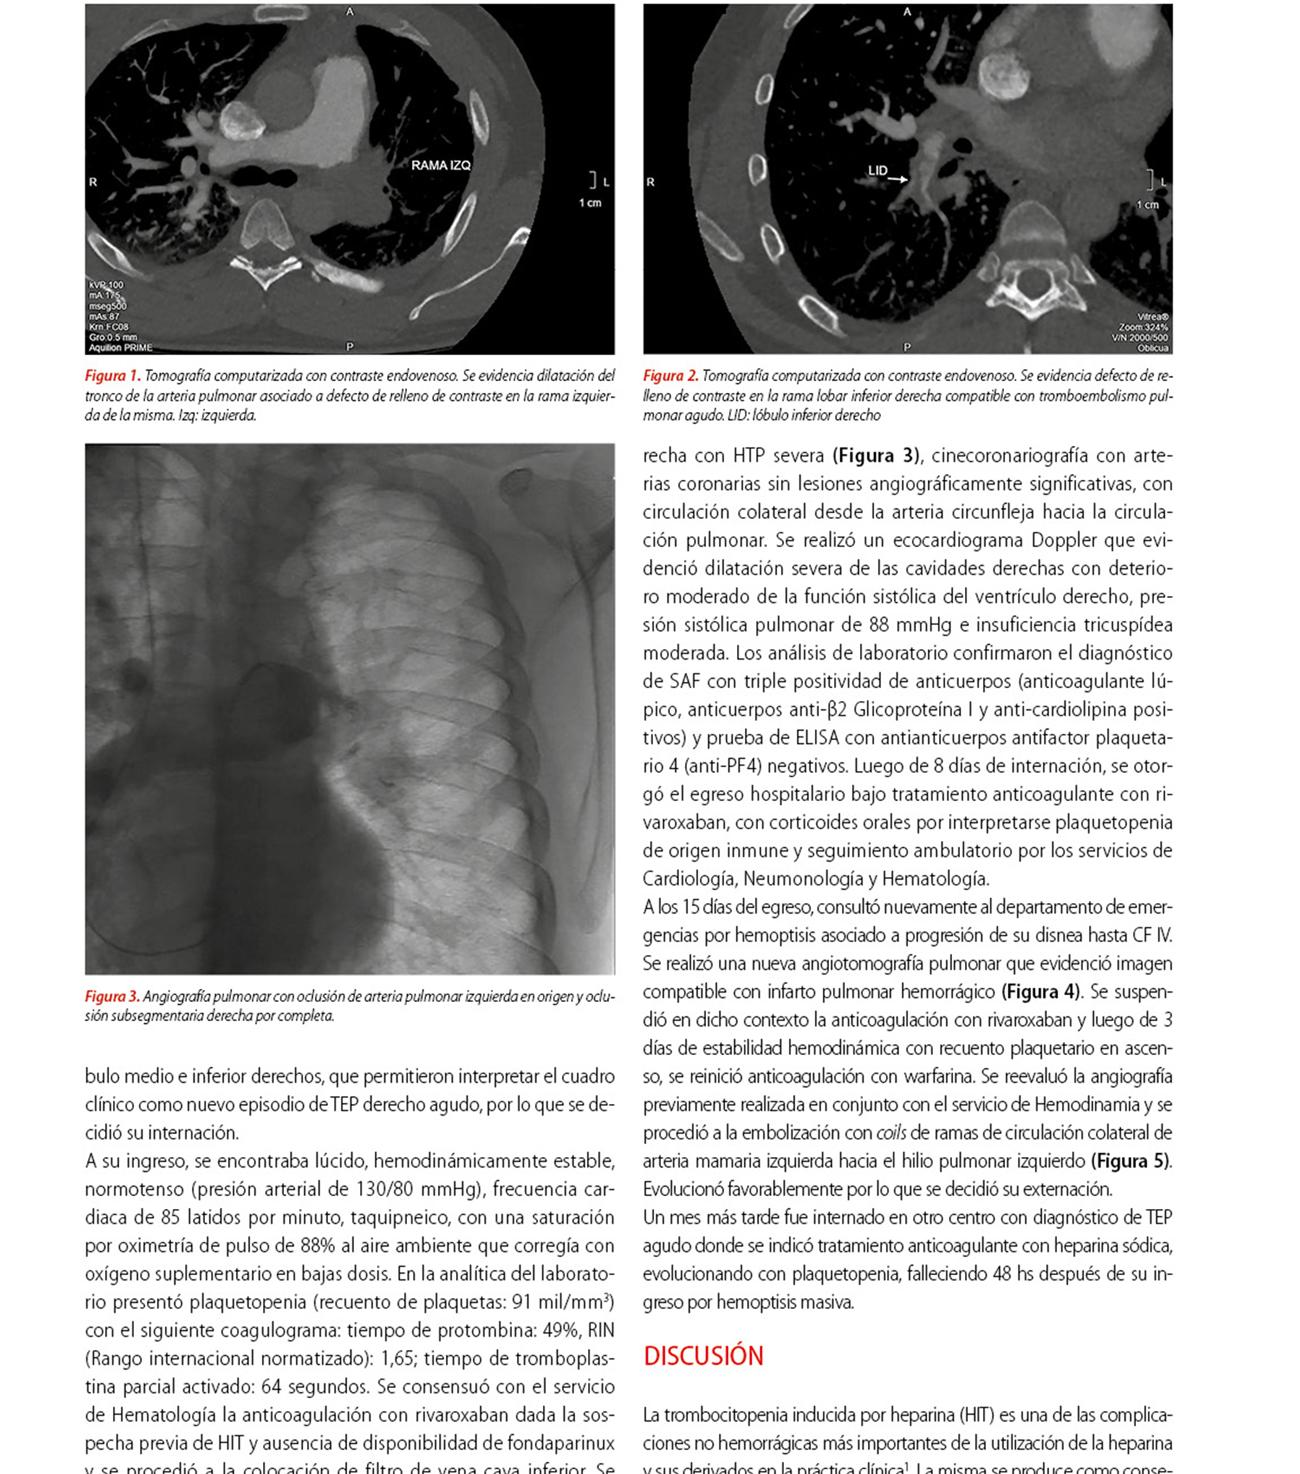 Tromboembolismo pulmonar recurrente en un paciente con síndrome antifosfolipídico y trombocitopenia inducida por heparina